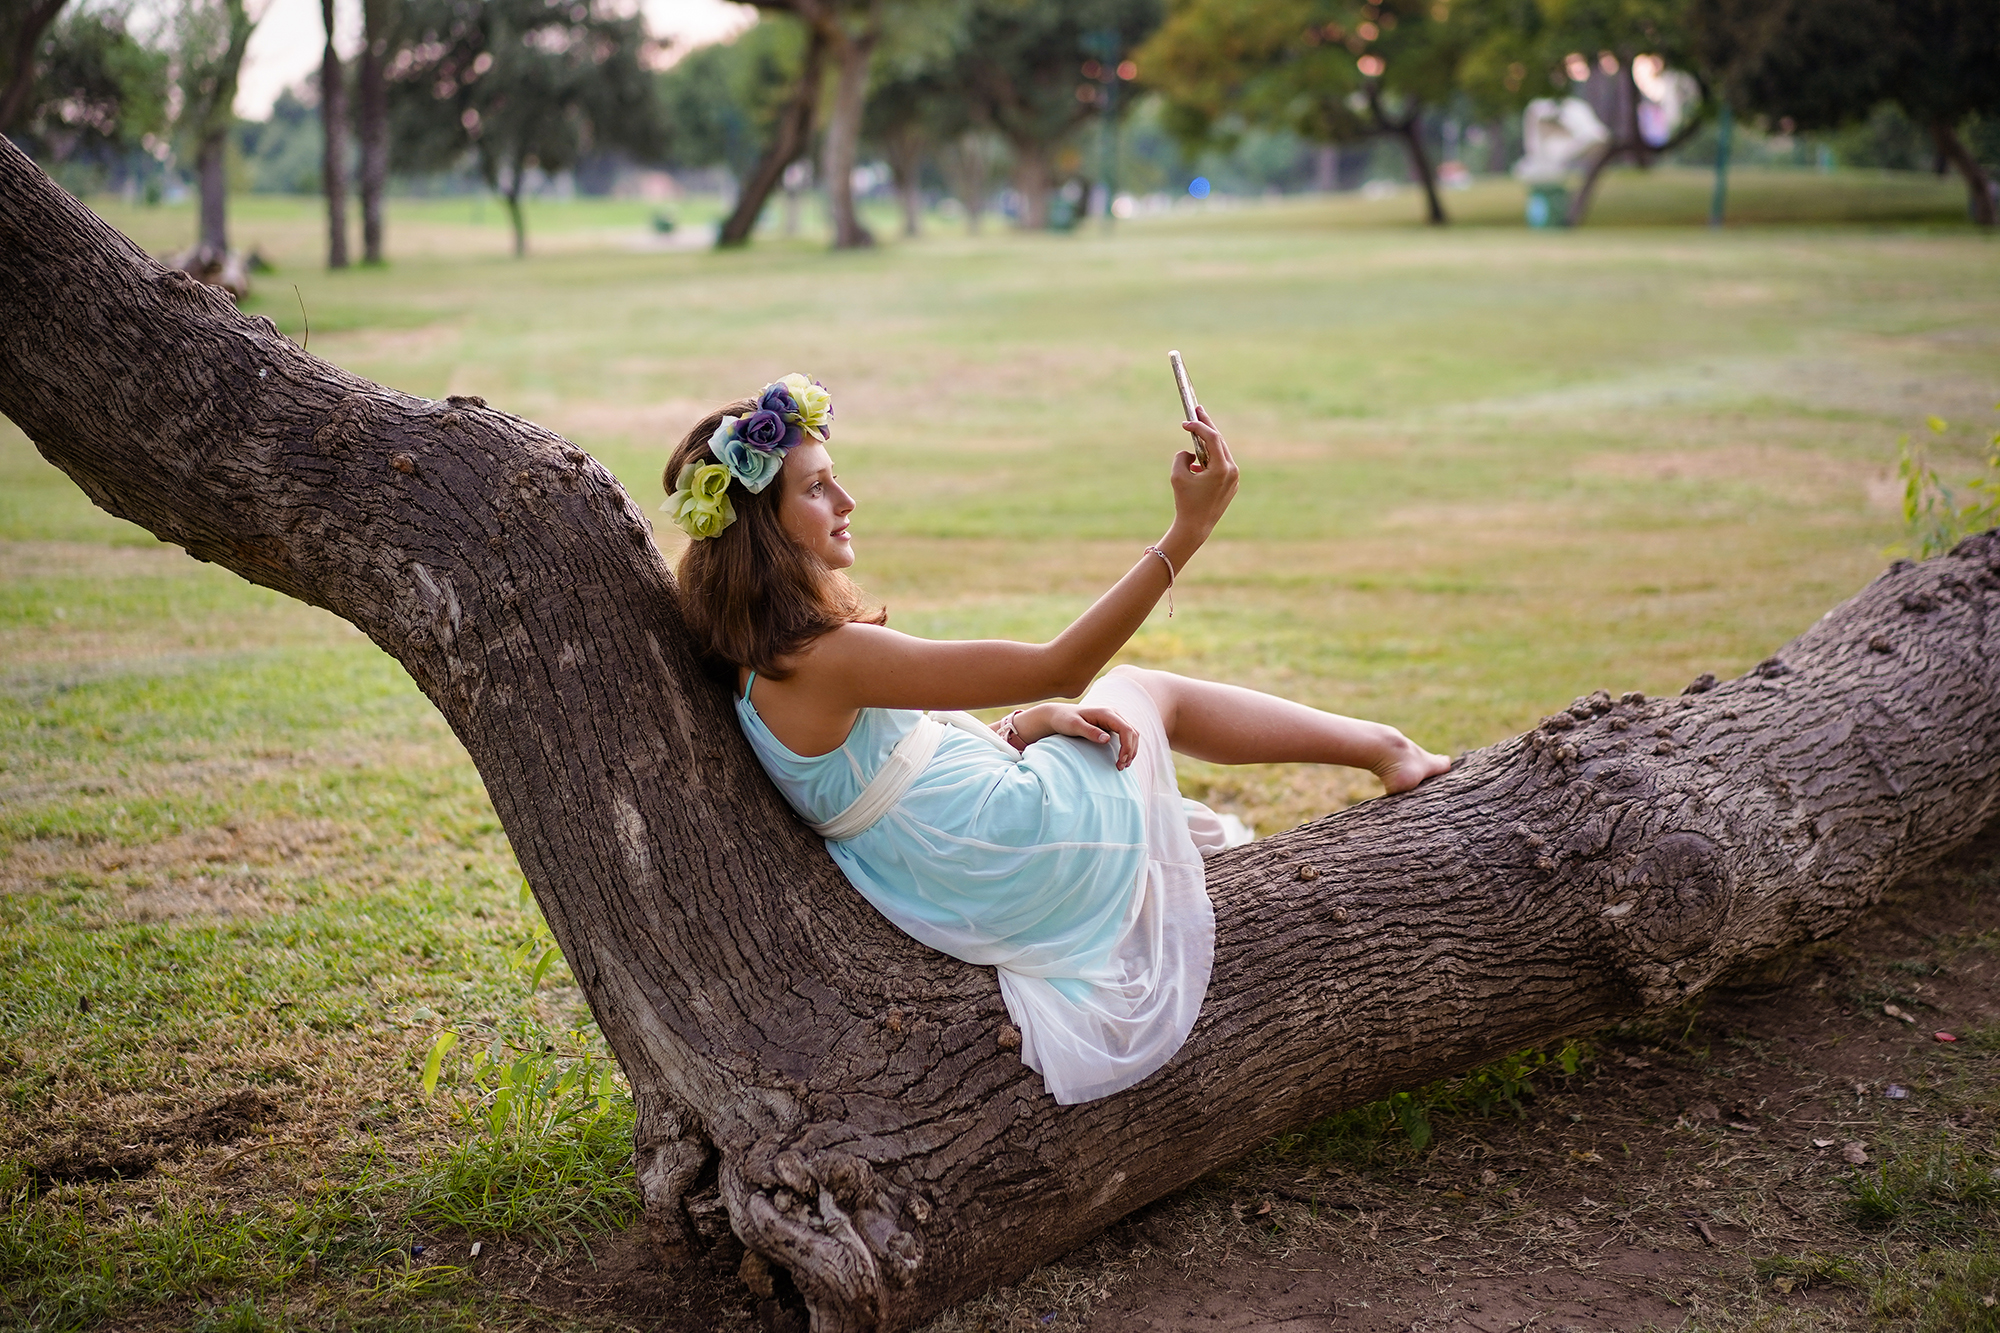 בוק בת מצווה בפארק הירקון